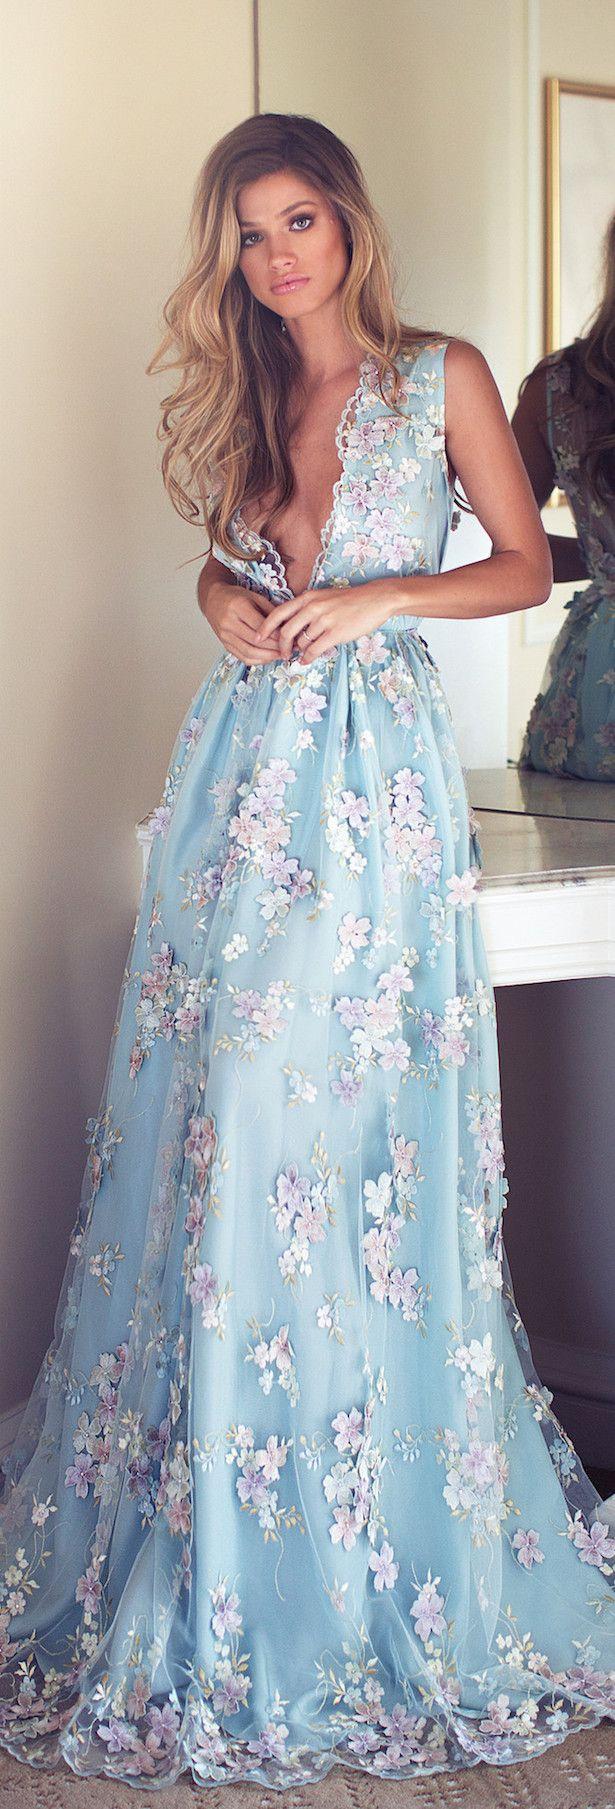 blue wedding dresses blue wedding dresses Lurelly Bridal Wedding Dress BlueBridal